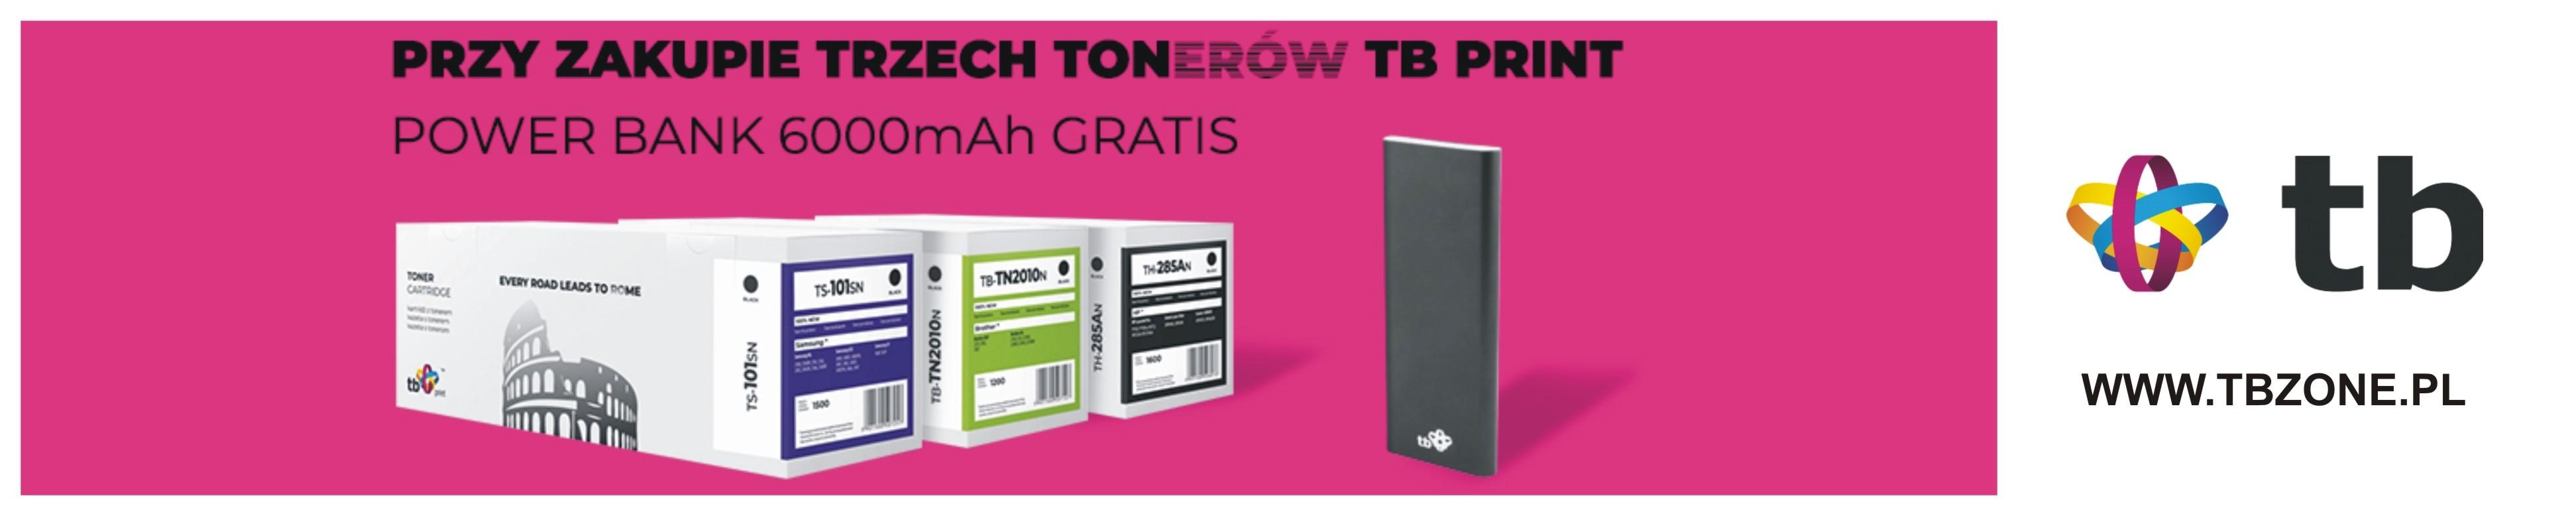 Promocja TB